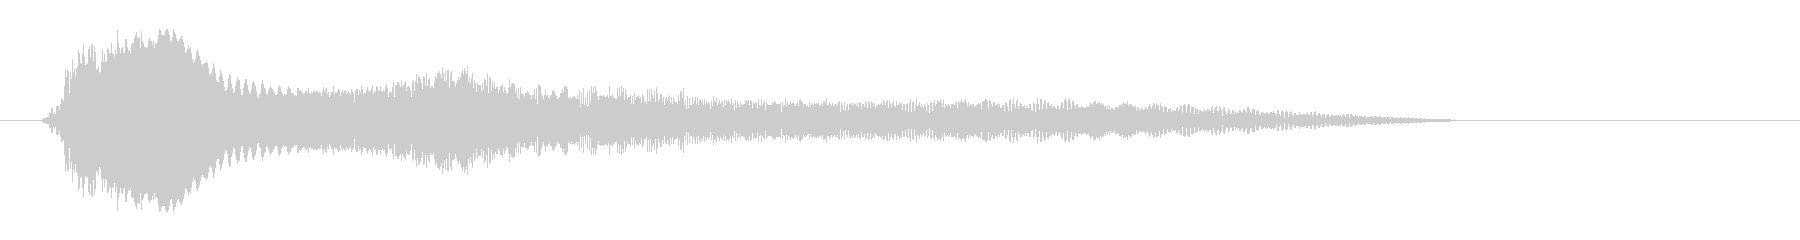 小さな物体が移動する音の未再生の波形